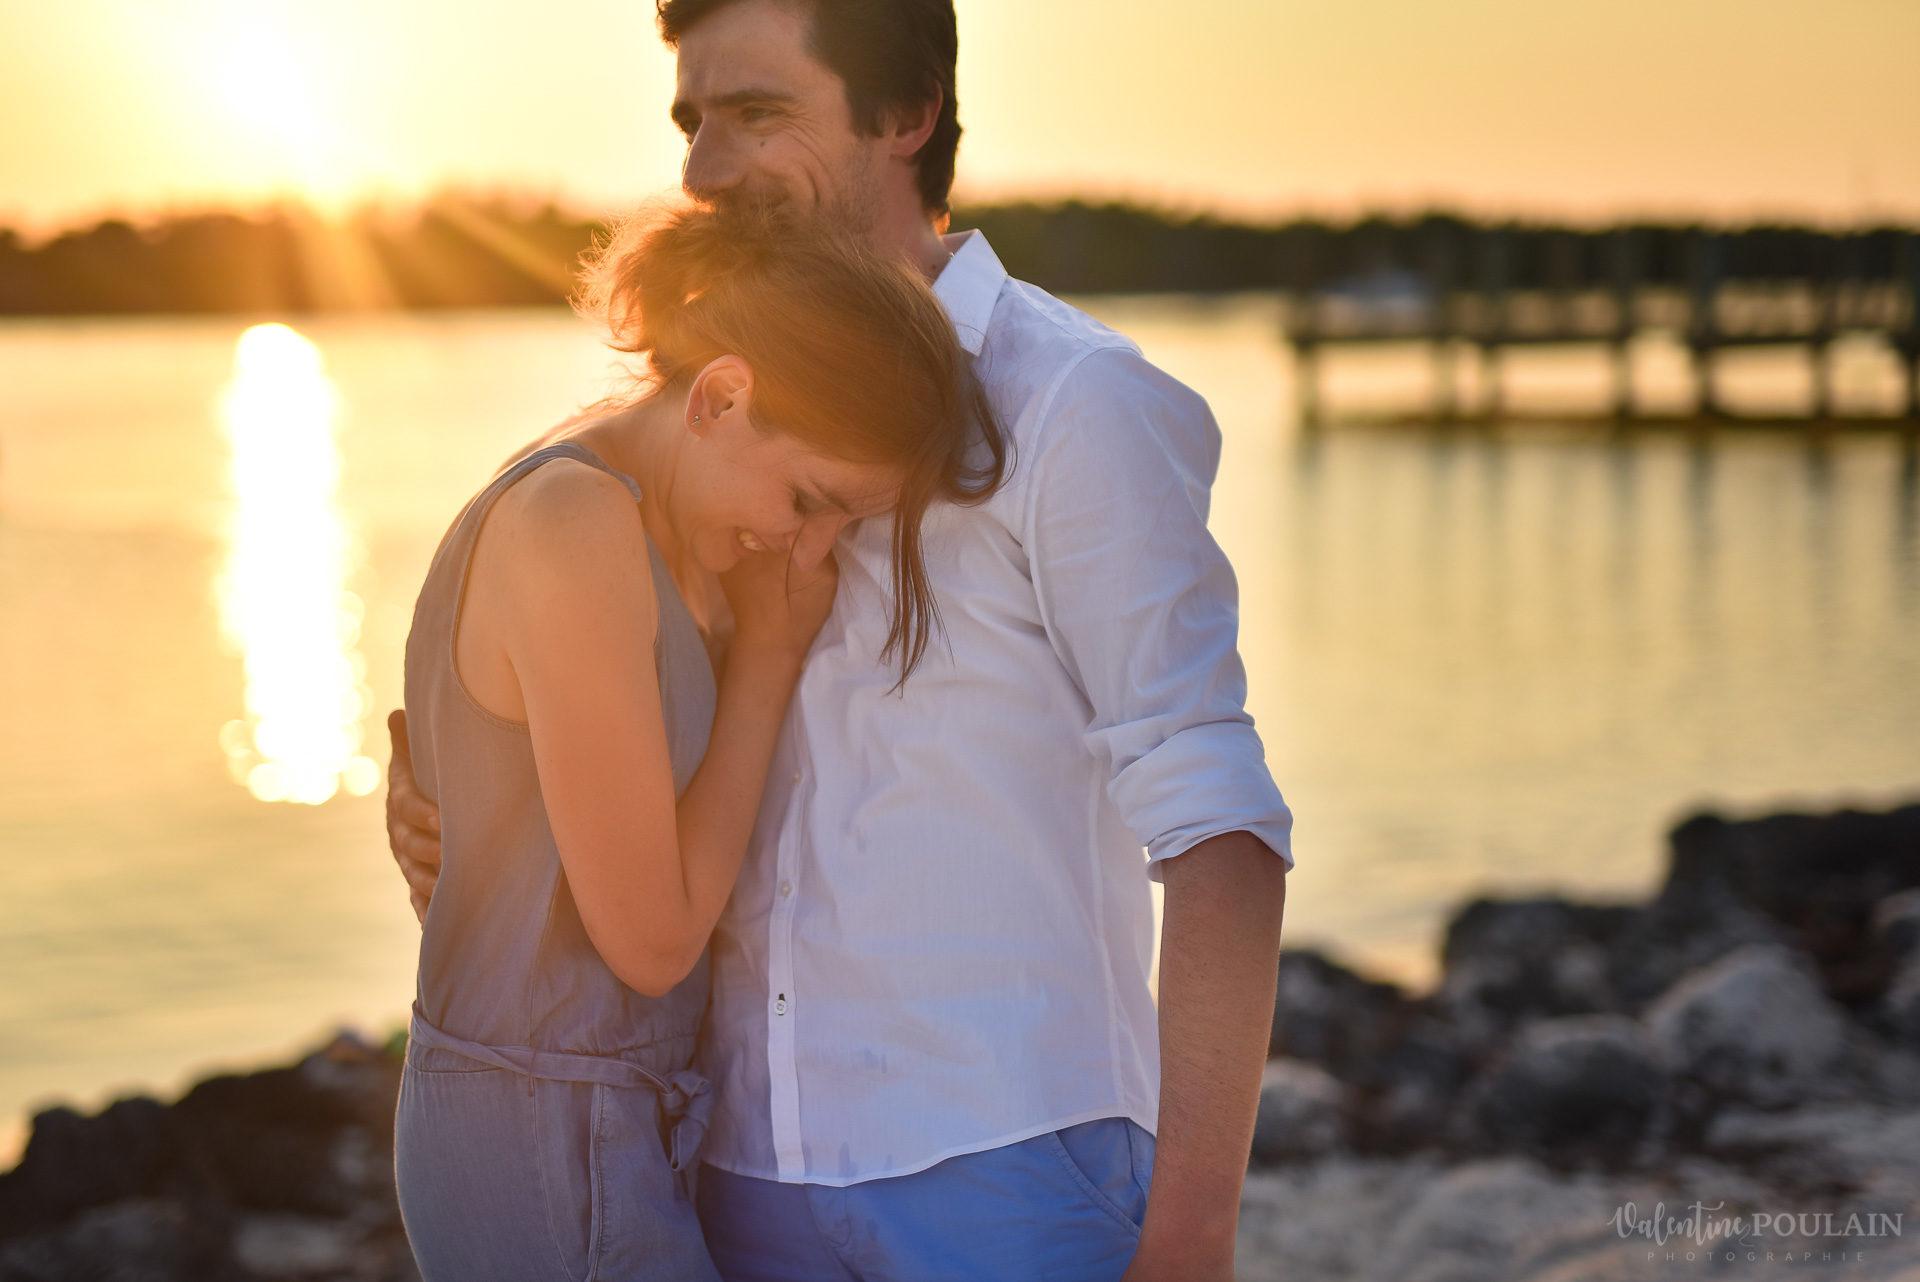 Couple Miam Keys Florida - Valentine Poulain rire